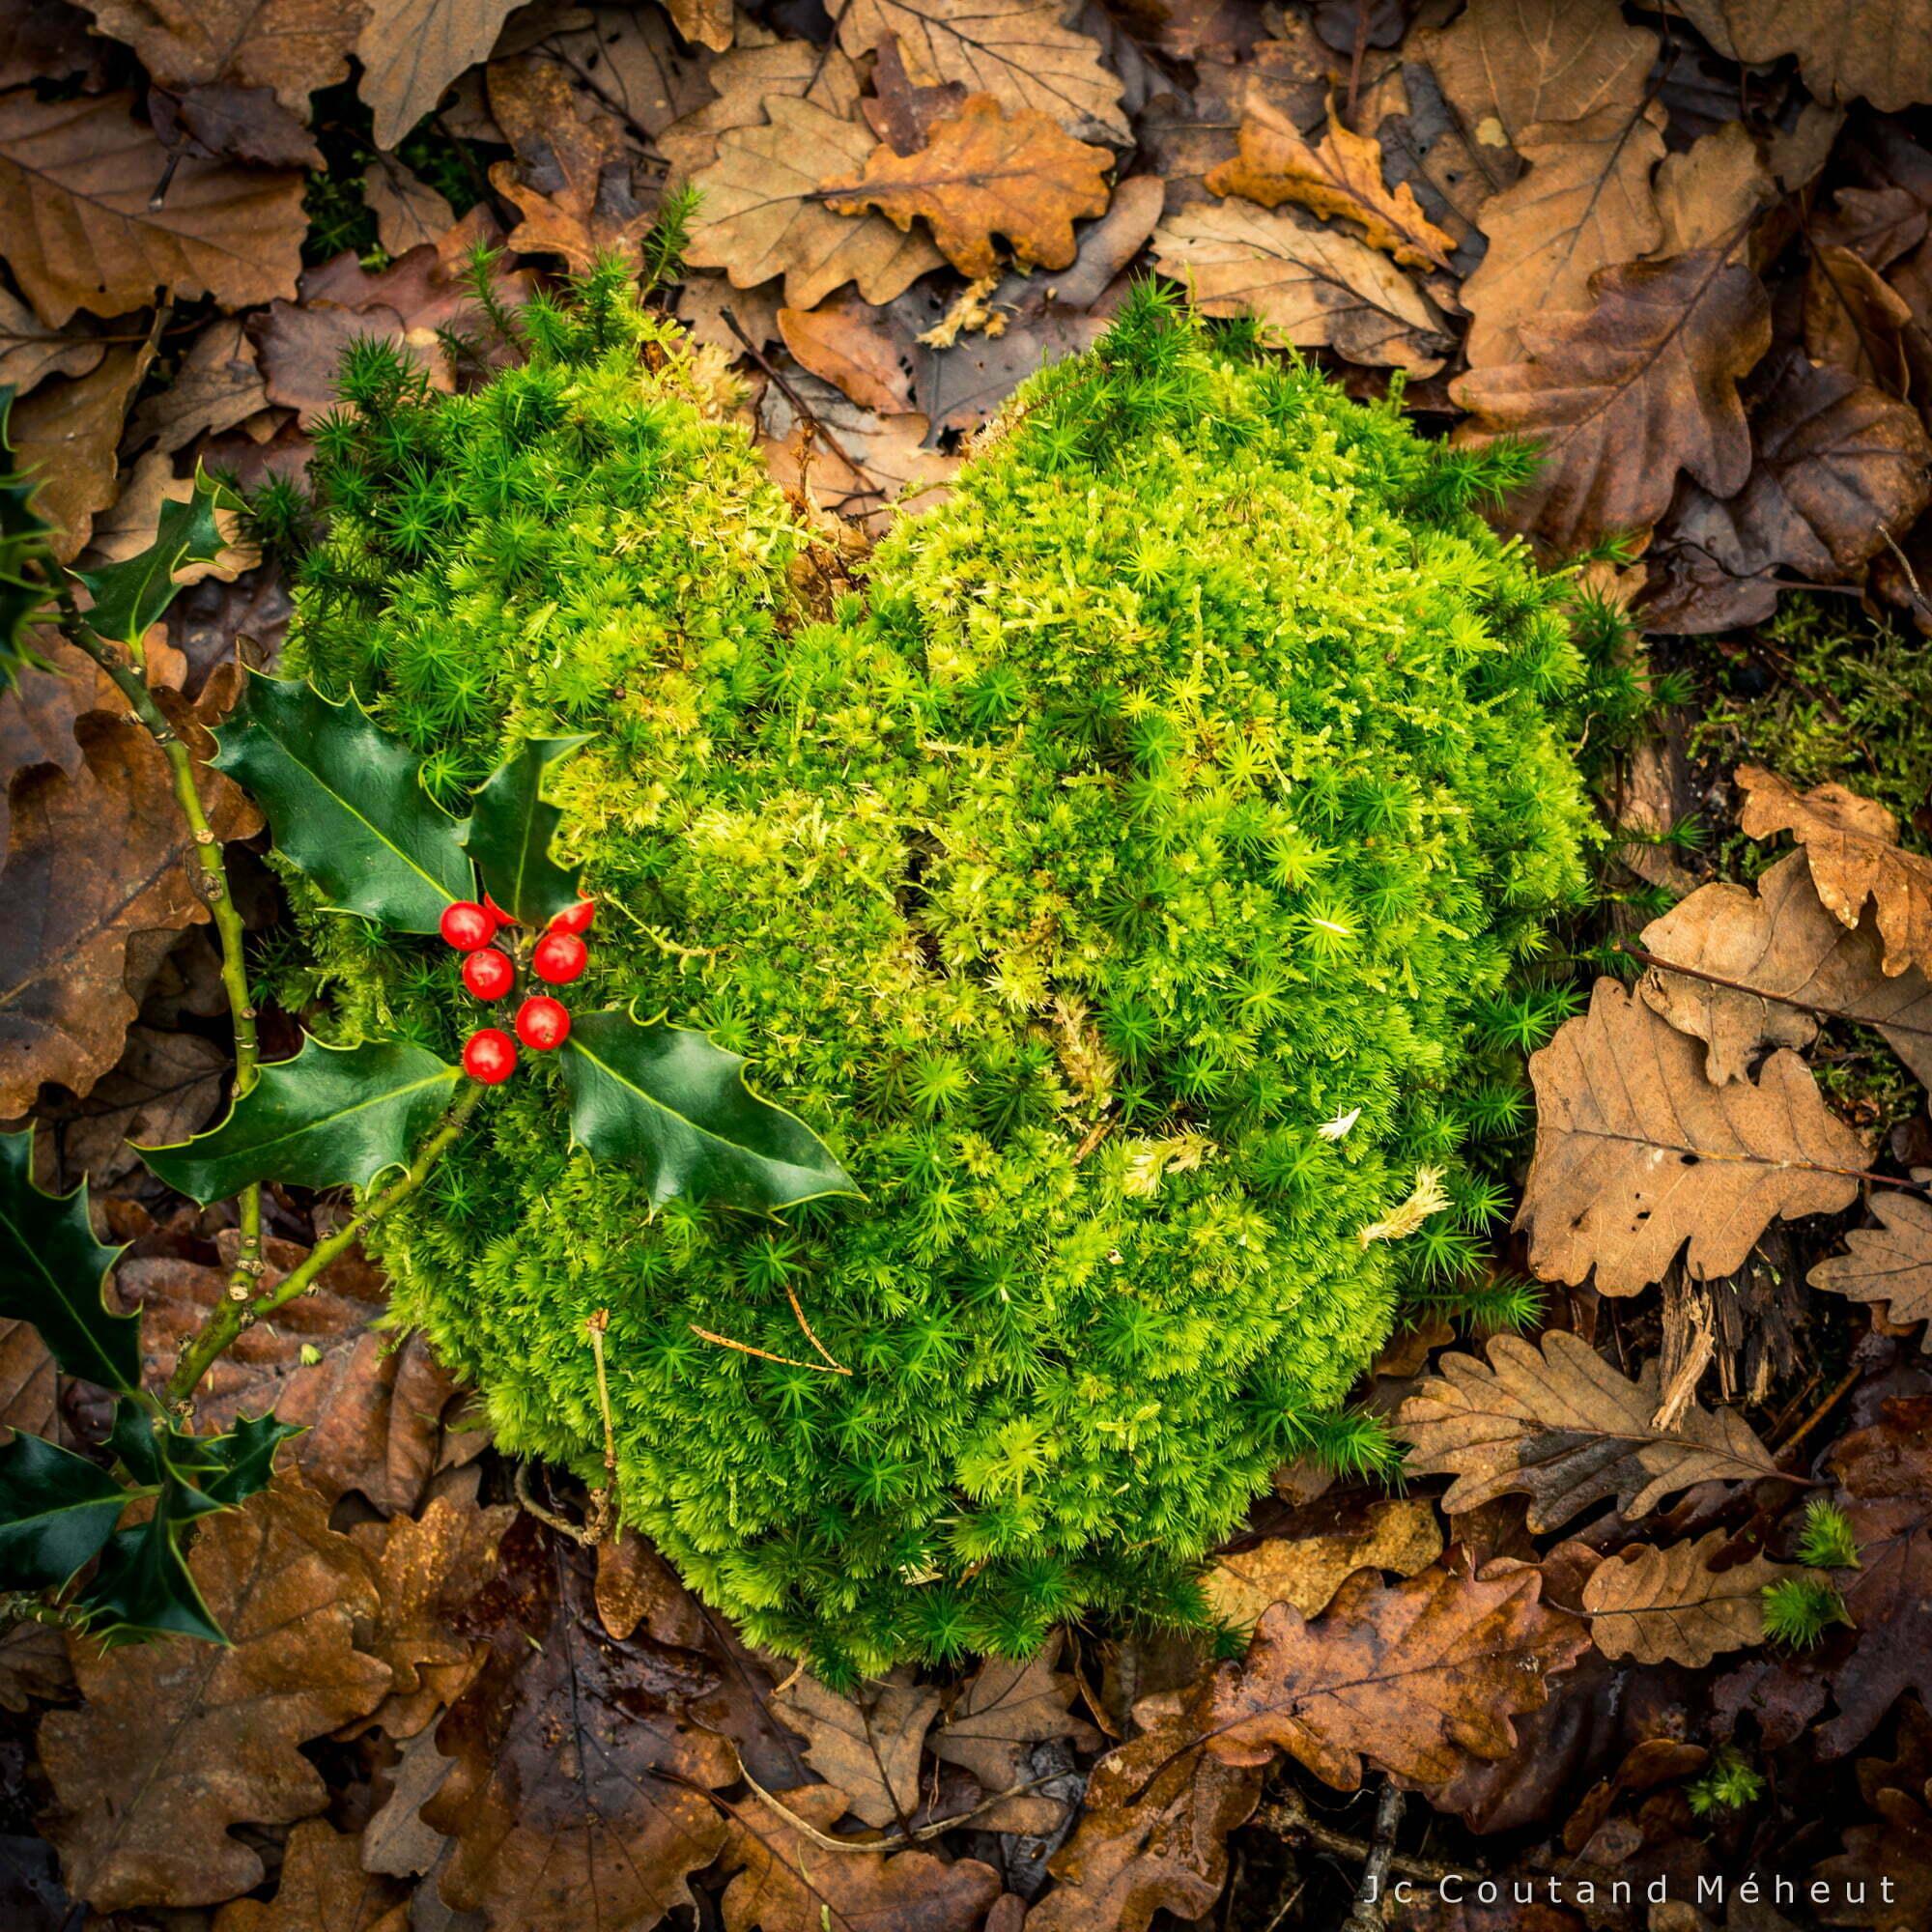 Au cœur de la forêt – Tirage